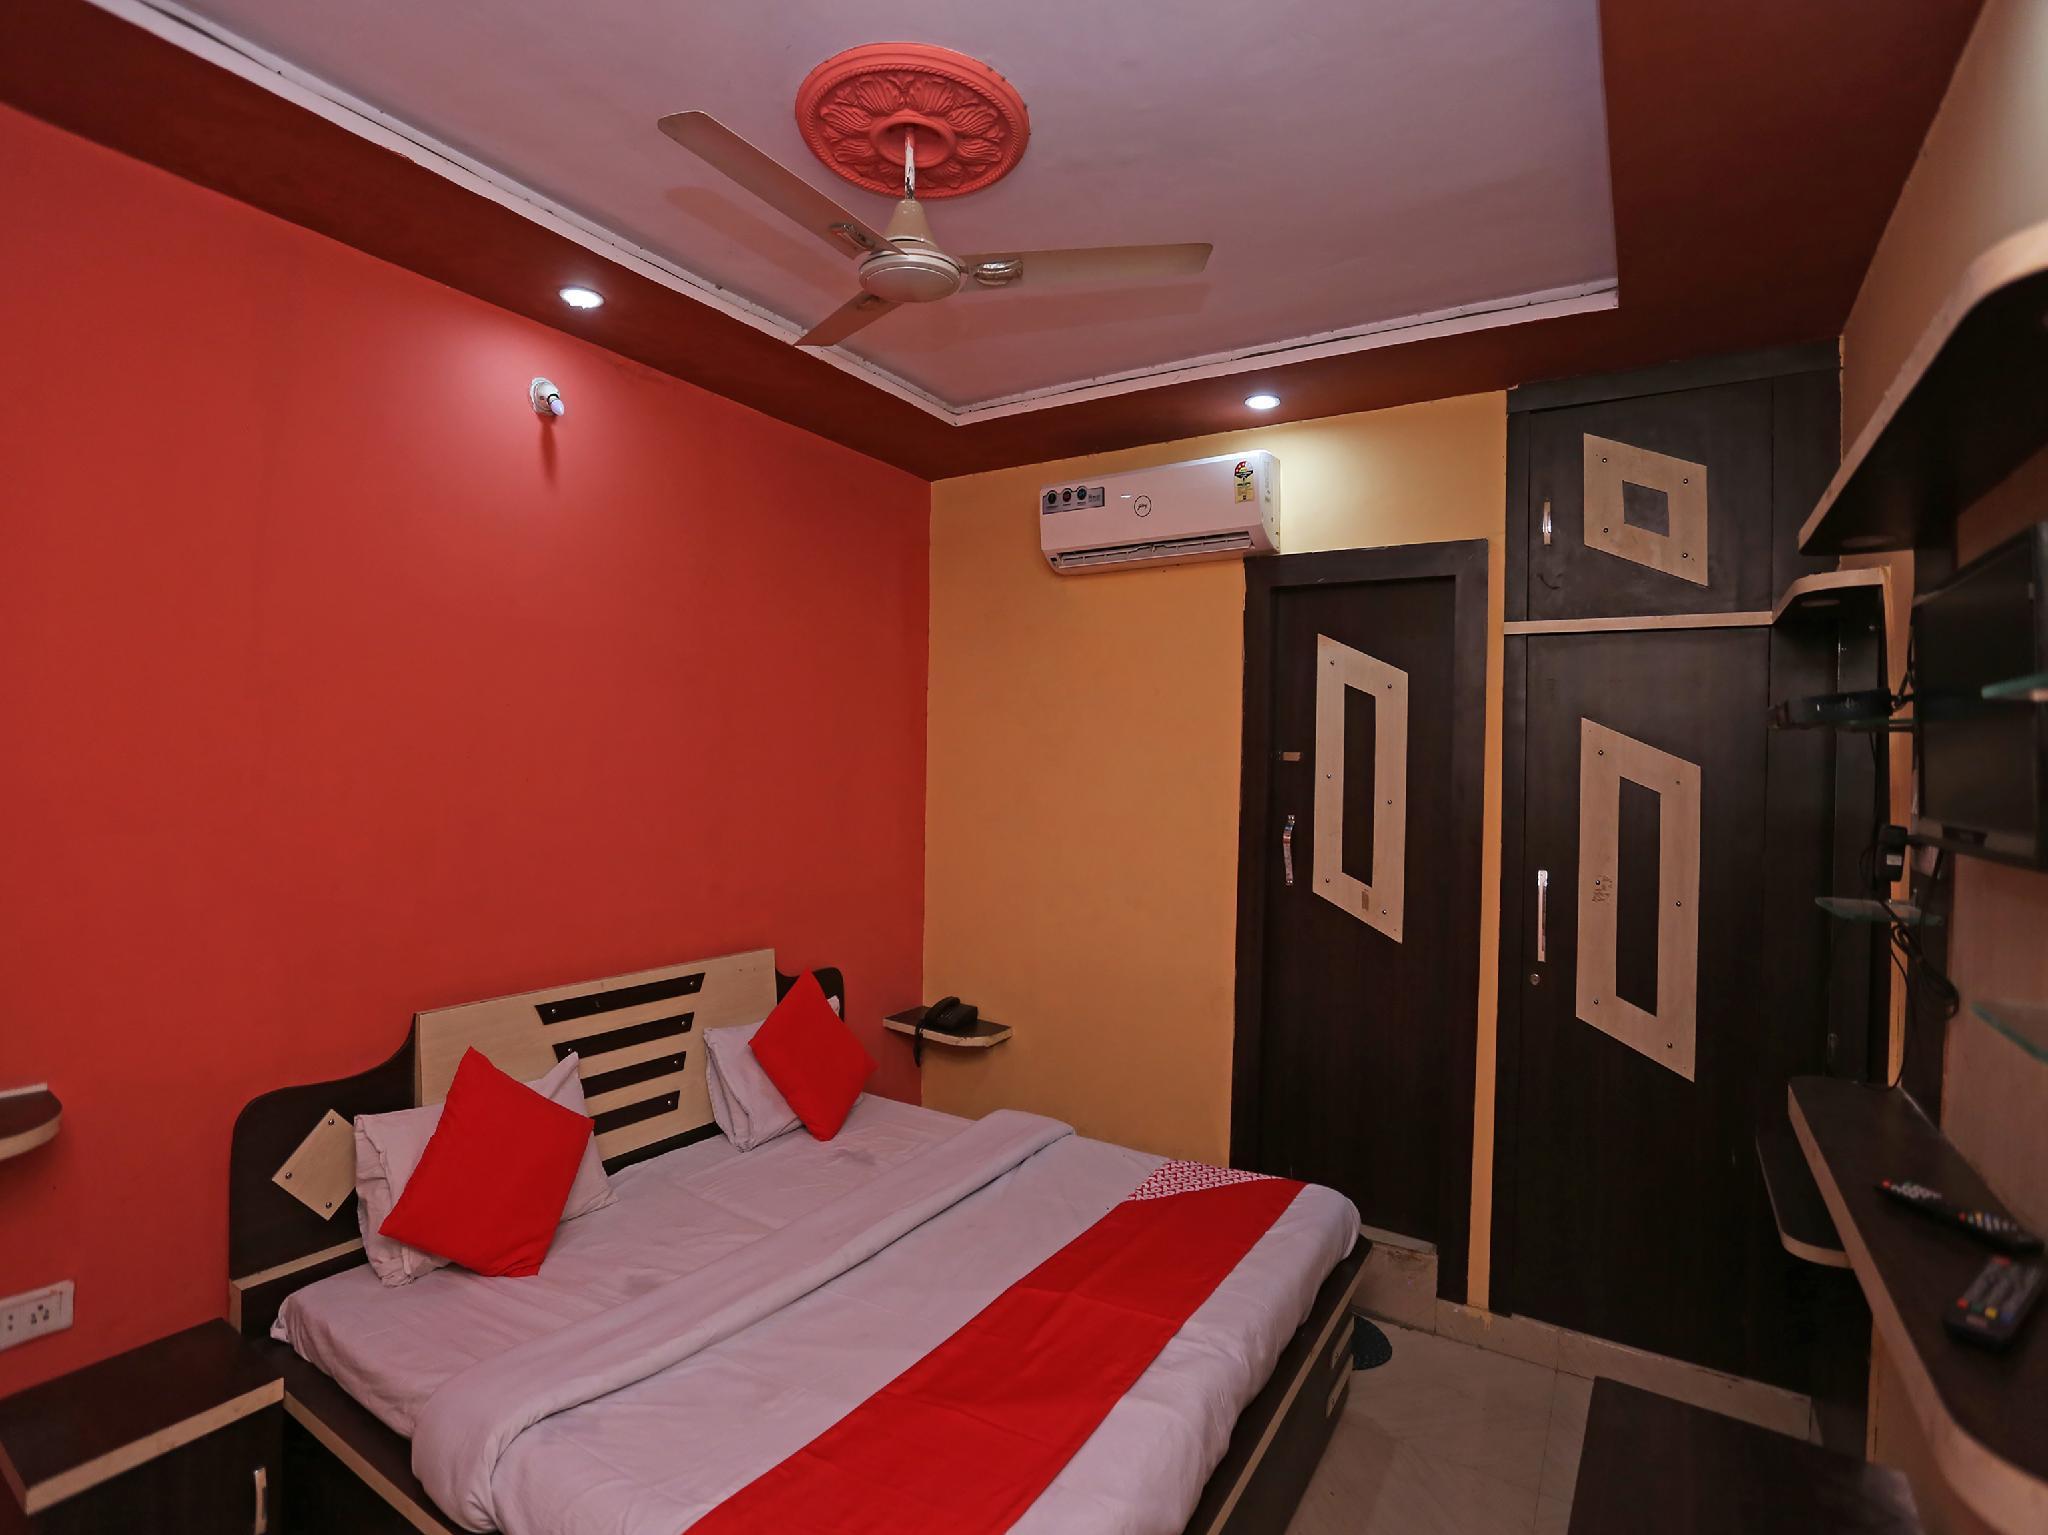 OYO 36958 Rama Hotel & Restaurant, Firozabad